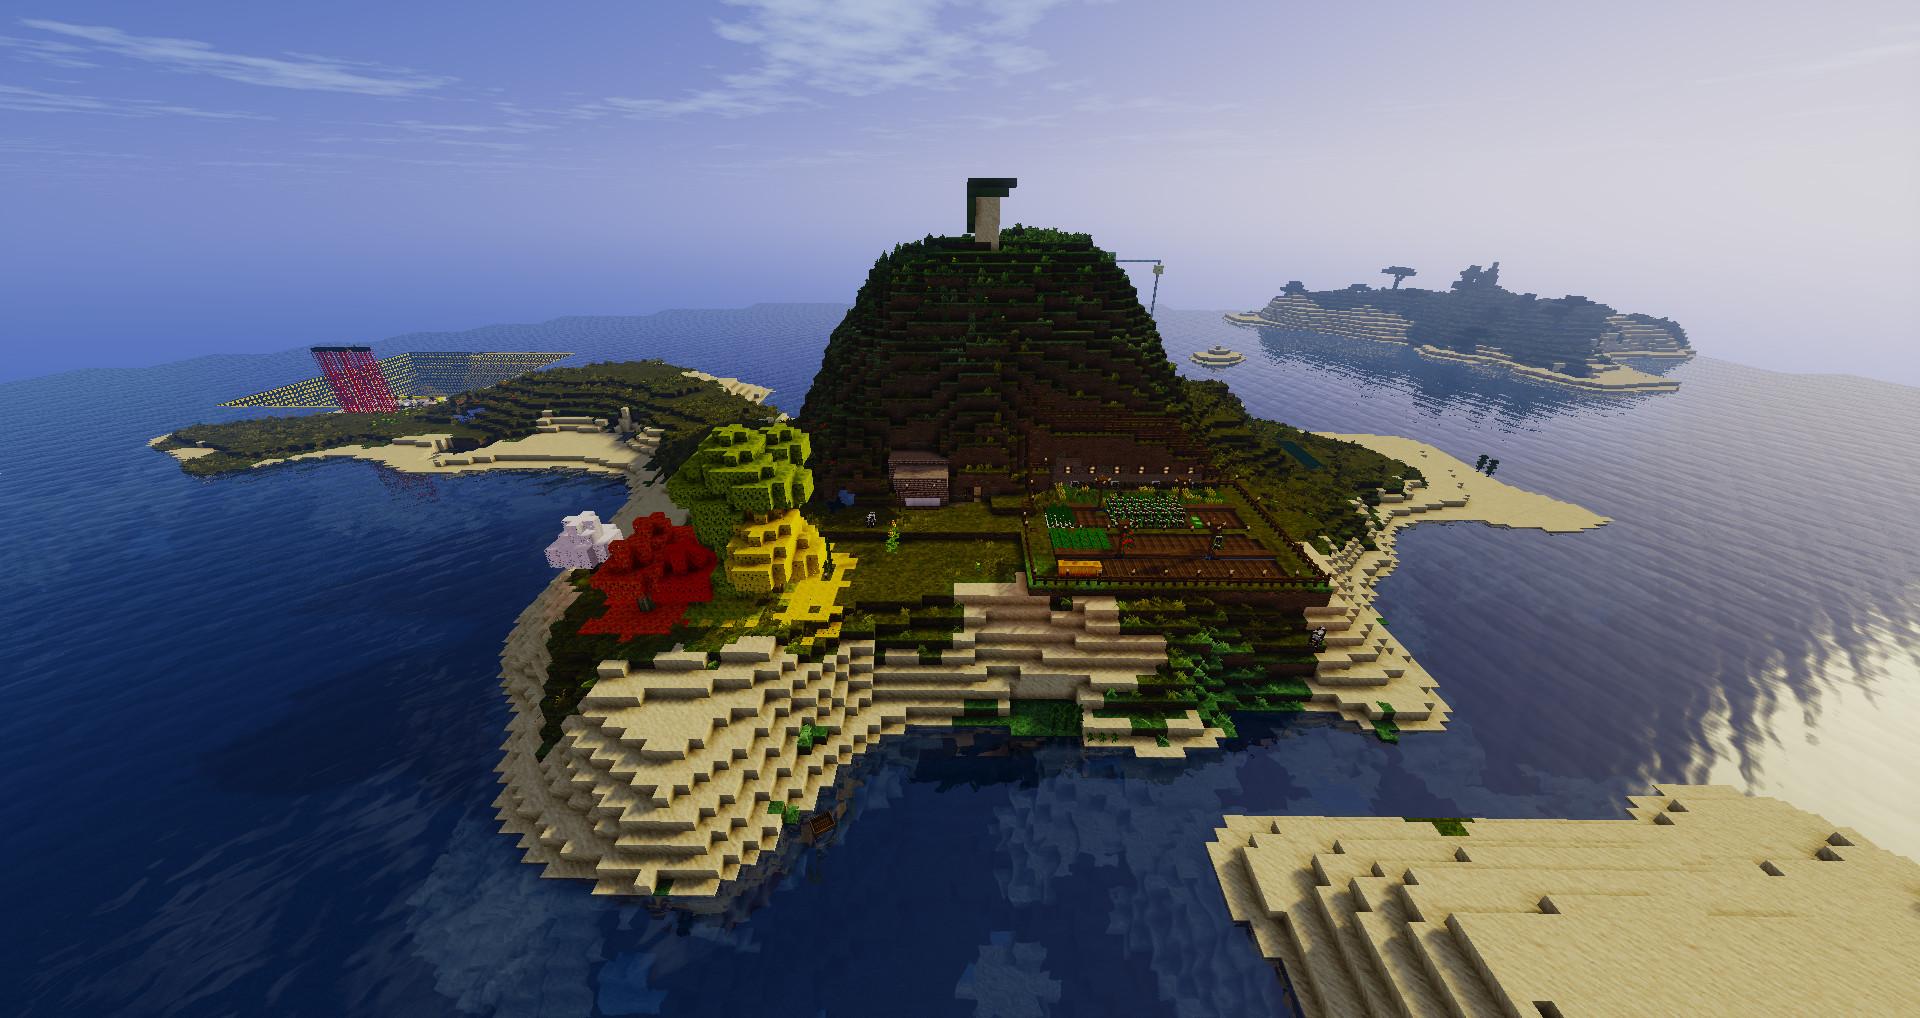 大陸かと思ったら島国でした